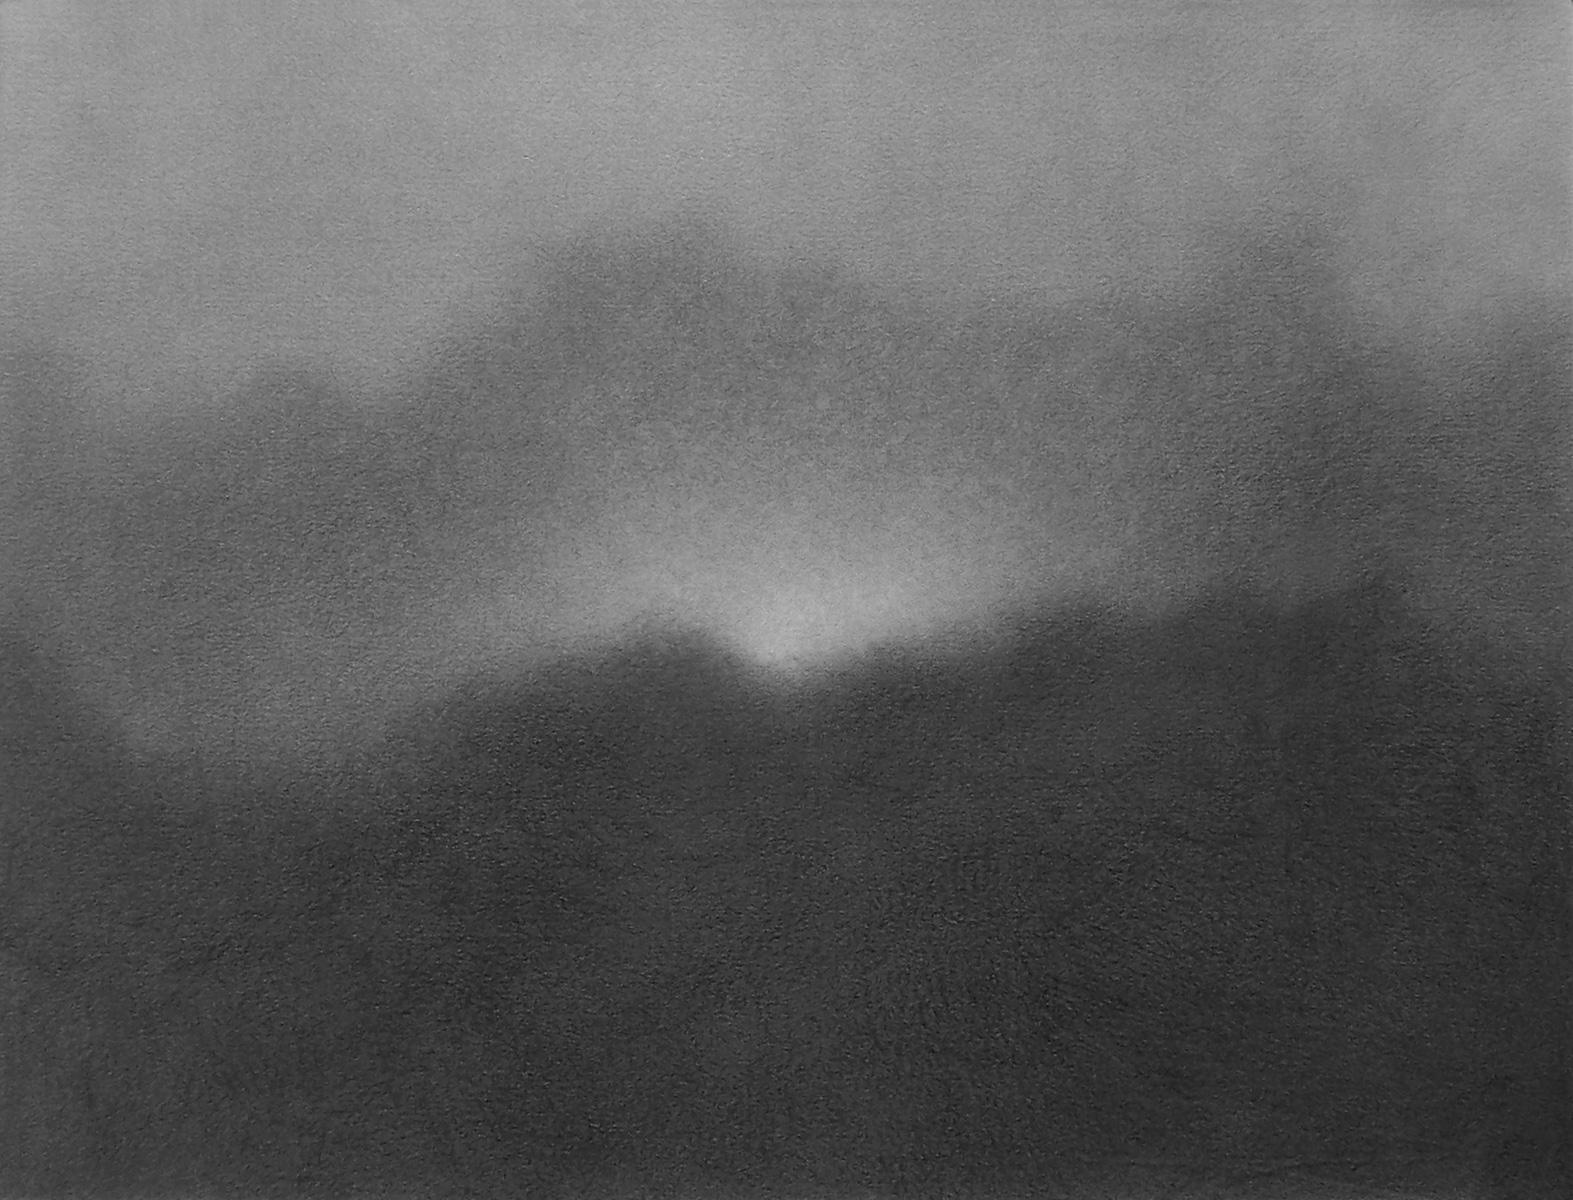 ZOOM - Paesaggio 13